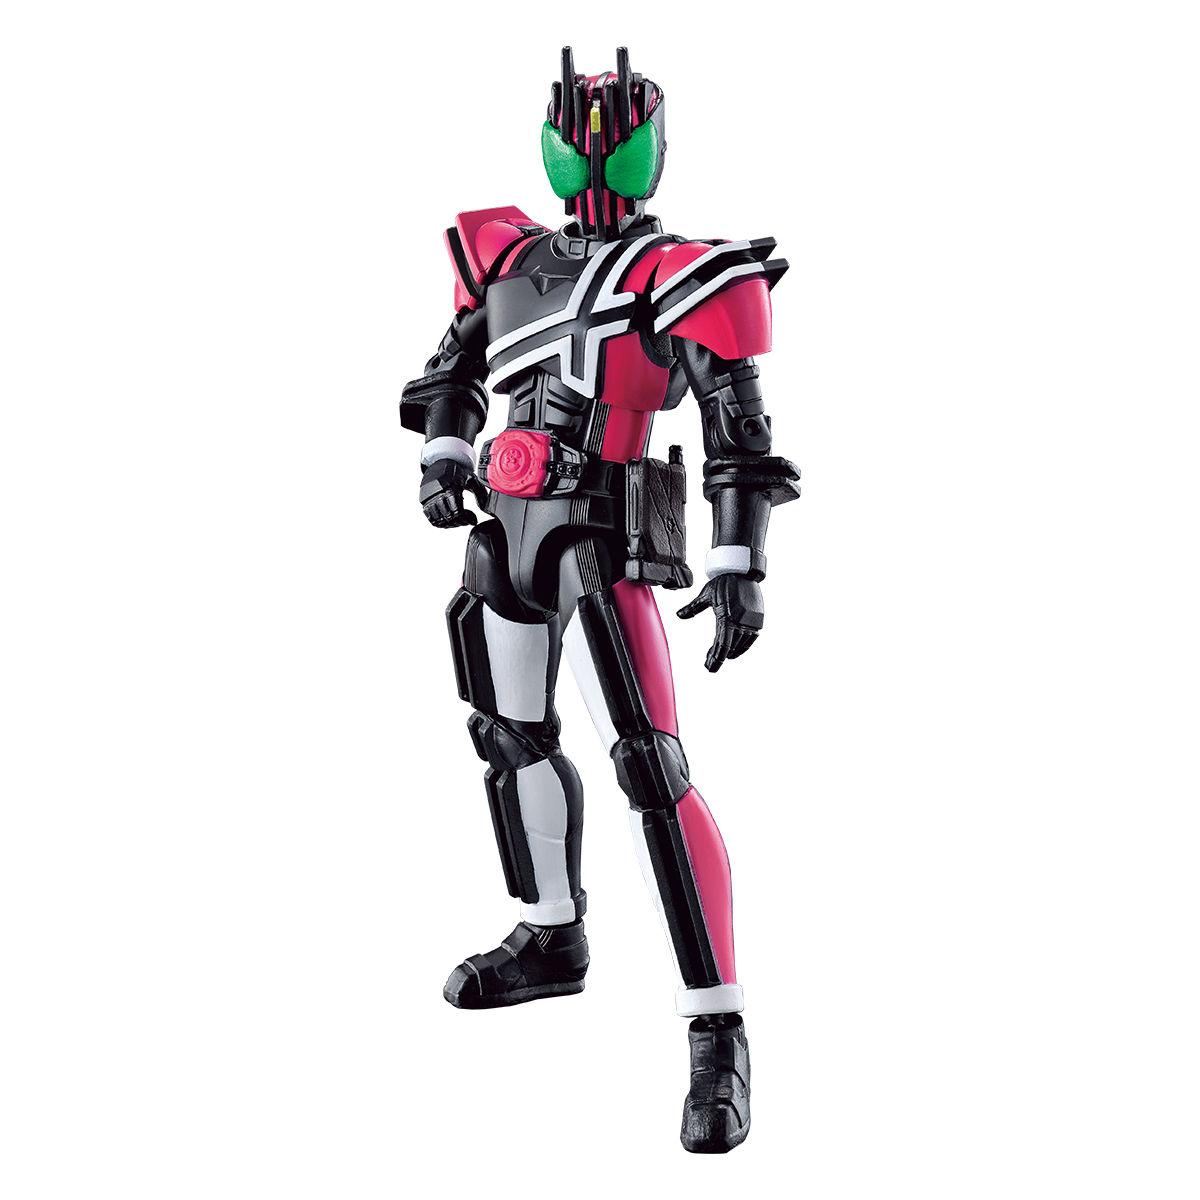 RKFレジェンドライダーシリーズ『仮面ライダーディケイド』可動フィギュア-001